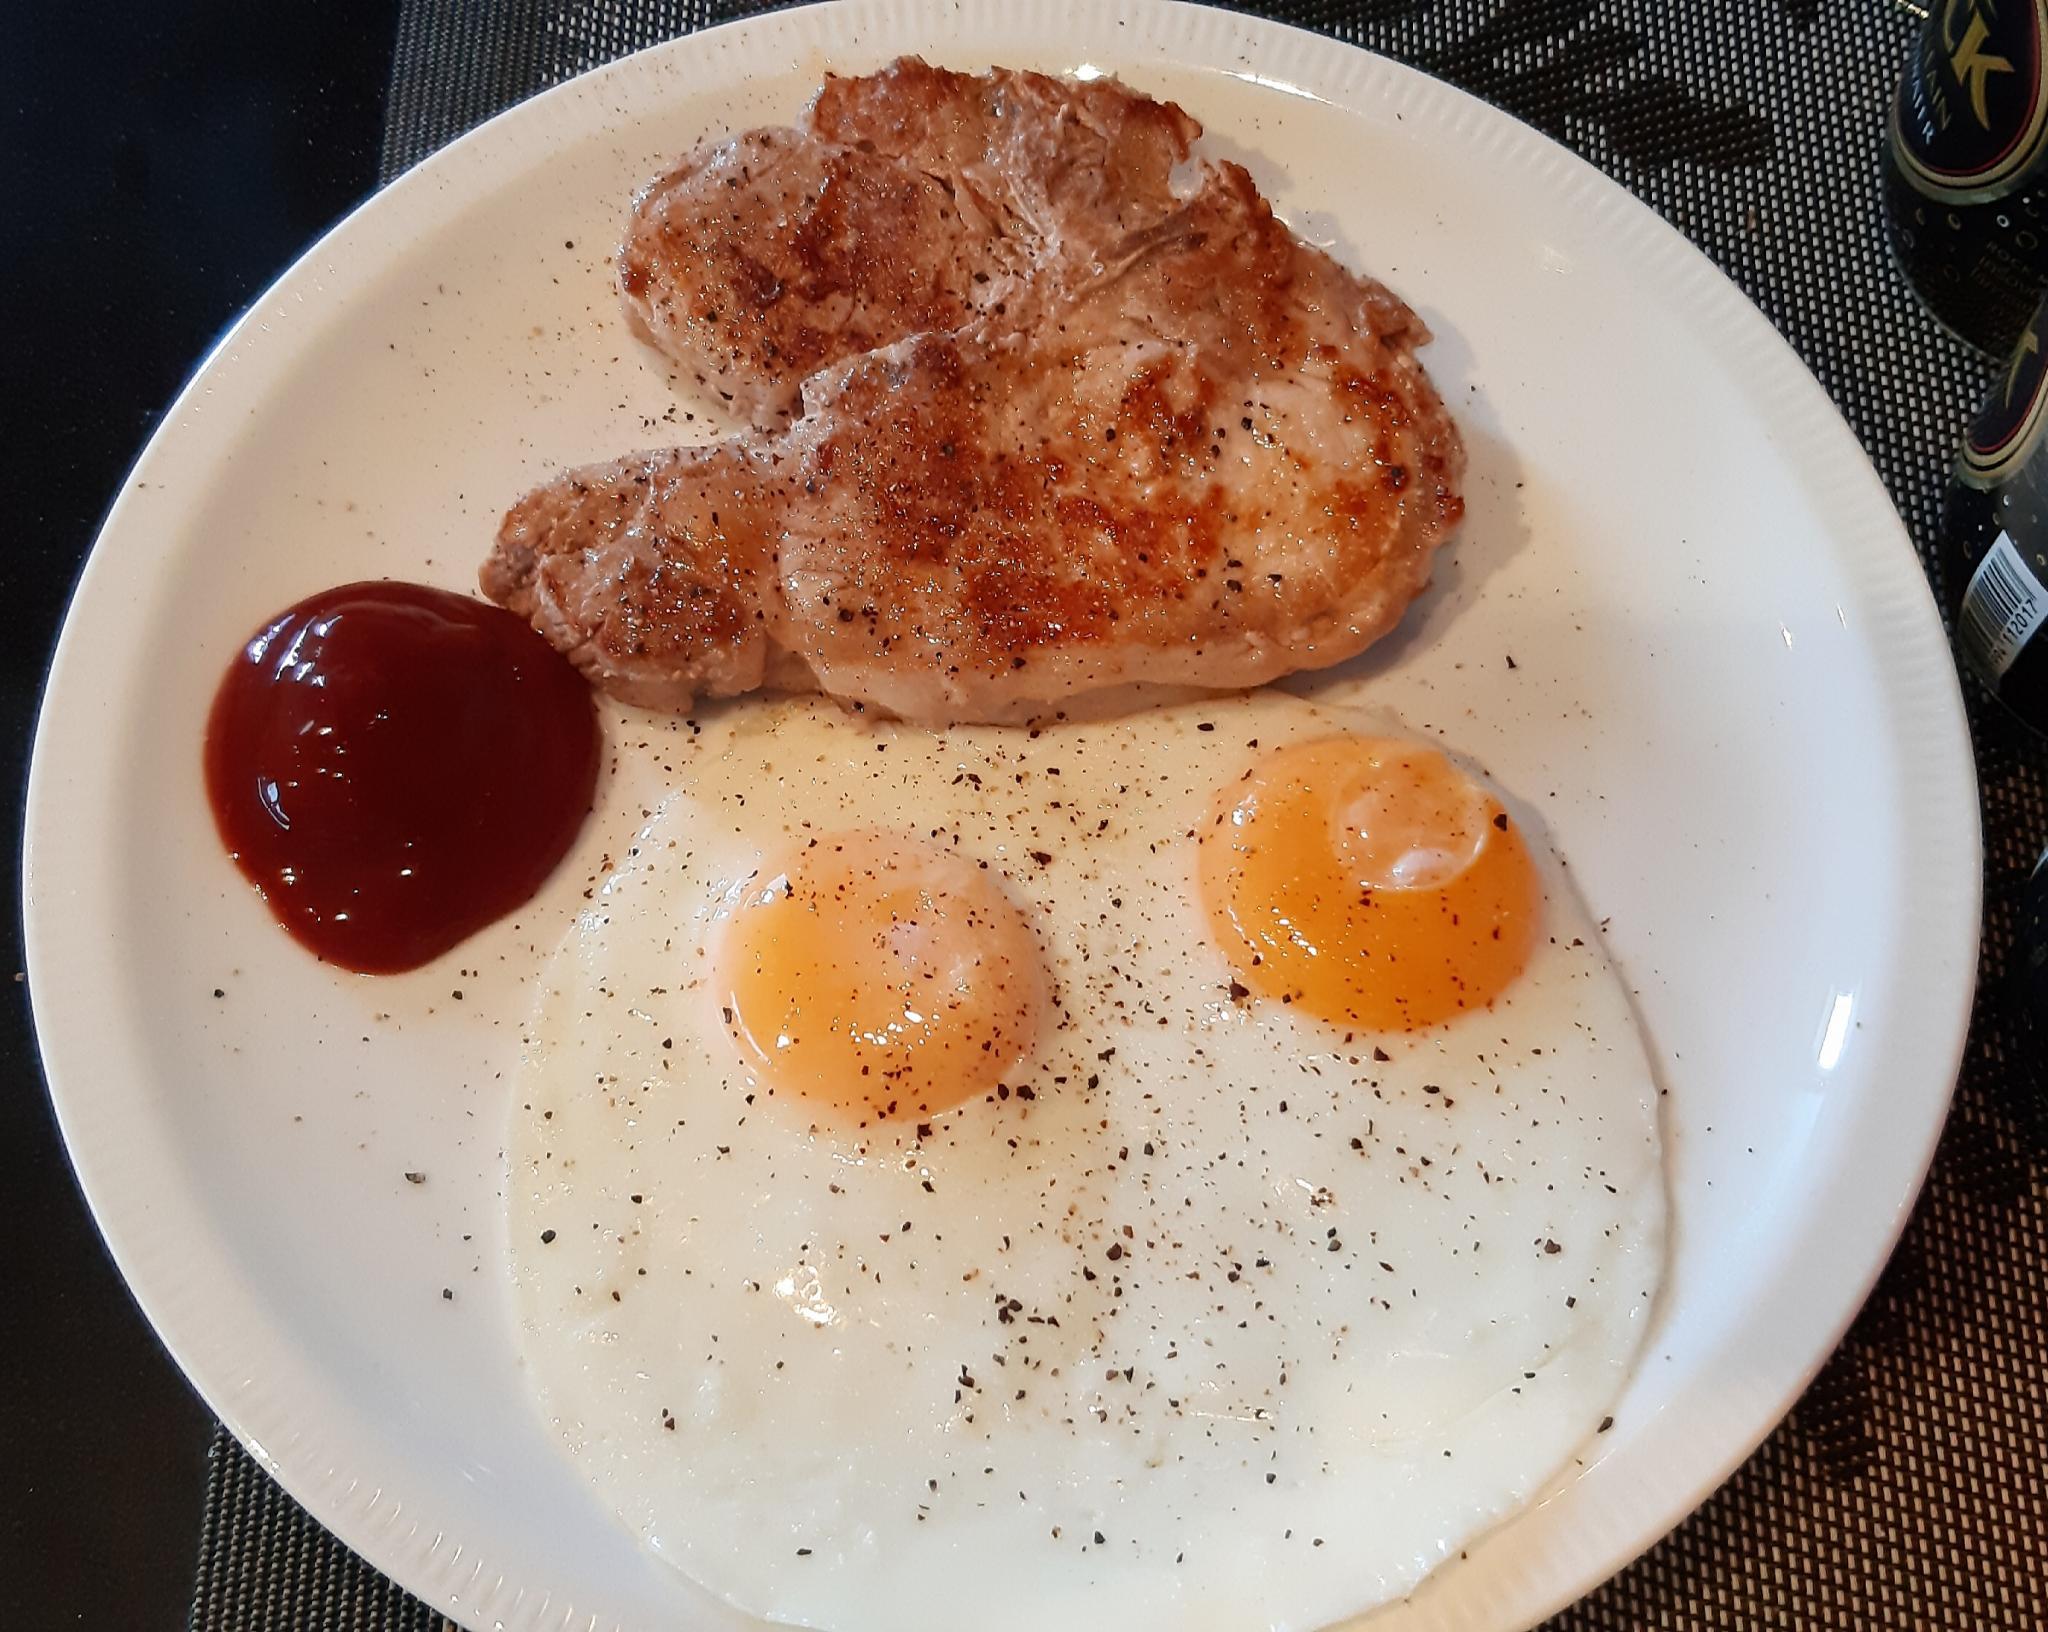 Breakfast-20200813_092130-jpg